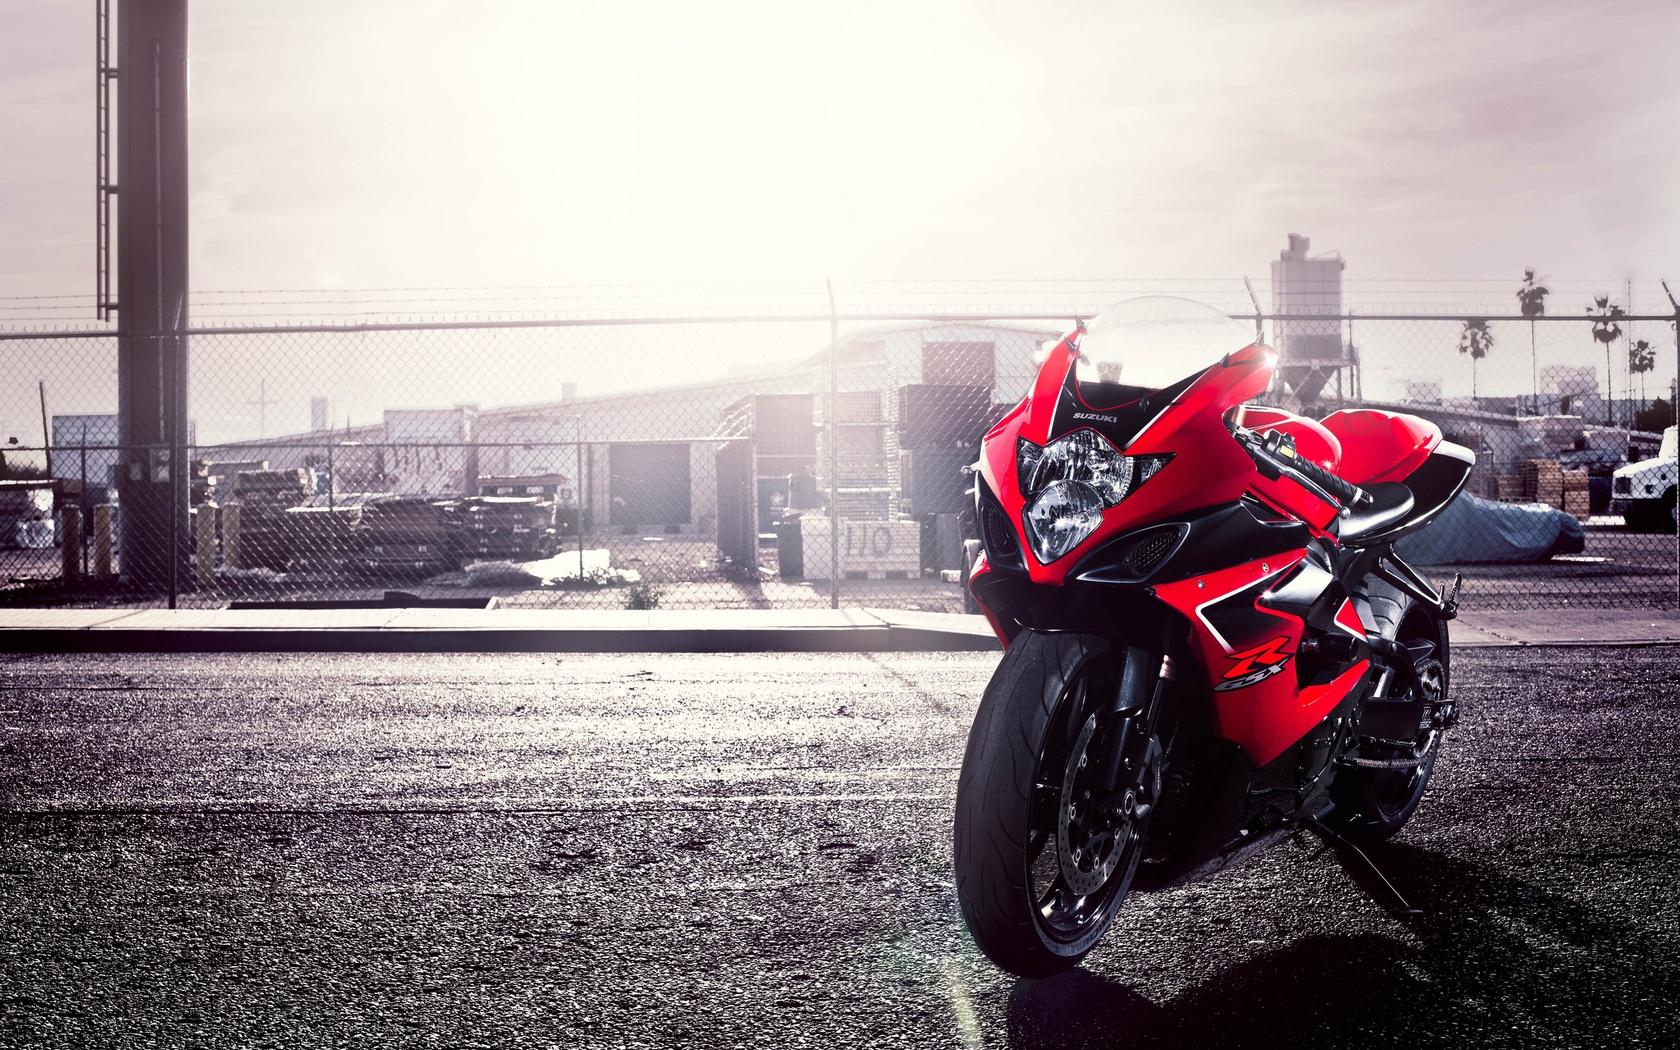 Suzuki GSXR 750 Red Wallpapers   1680x1050   839541 1680x1050